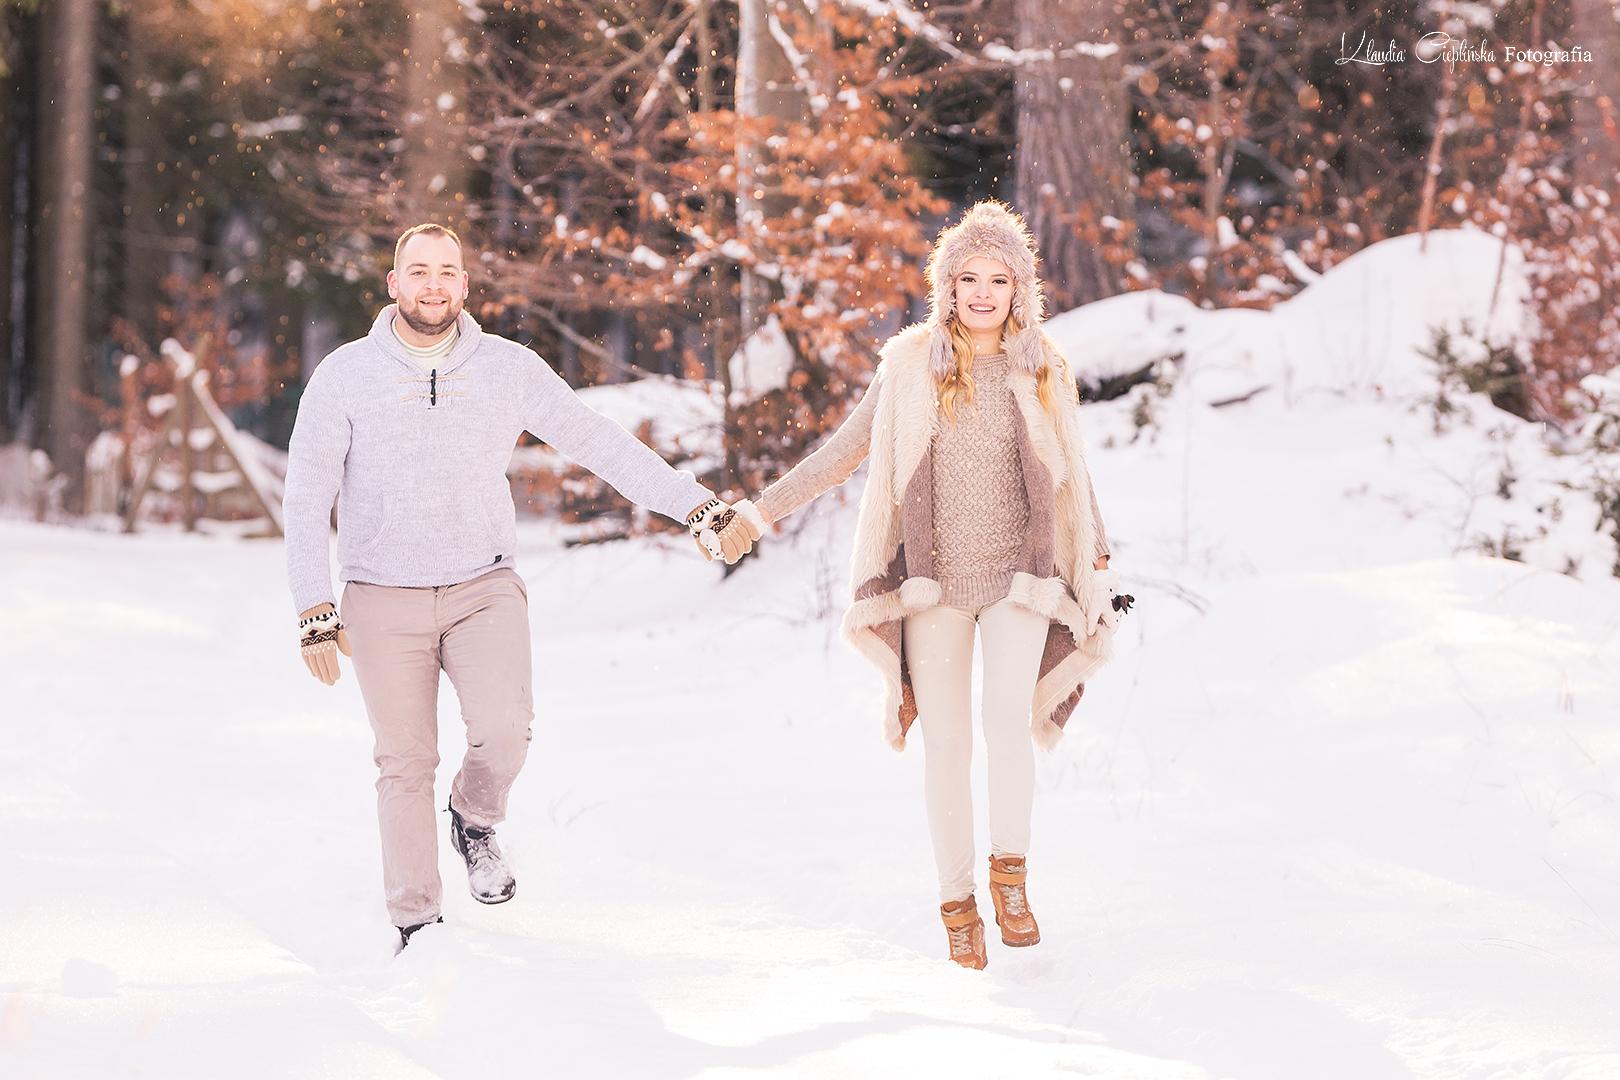 Zimowa sesja plenerowa w Karkonoszach. Plener w górach, w śniegu. Profesjonalne sesje zdjęciowe - Jelenia Góra.